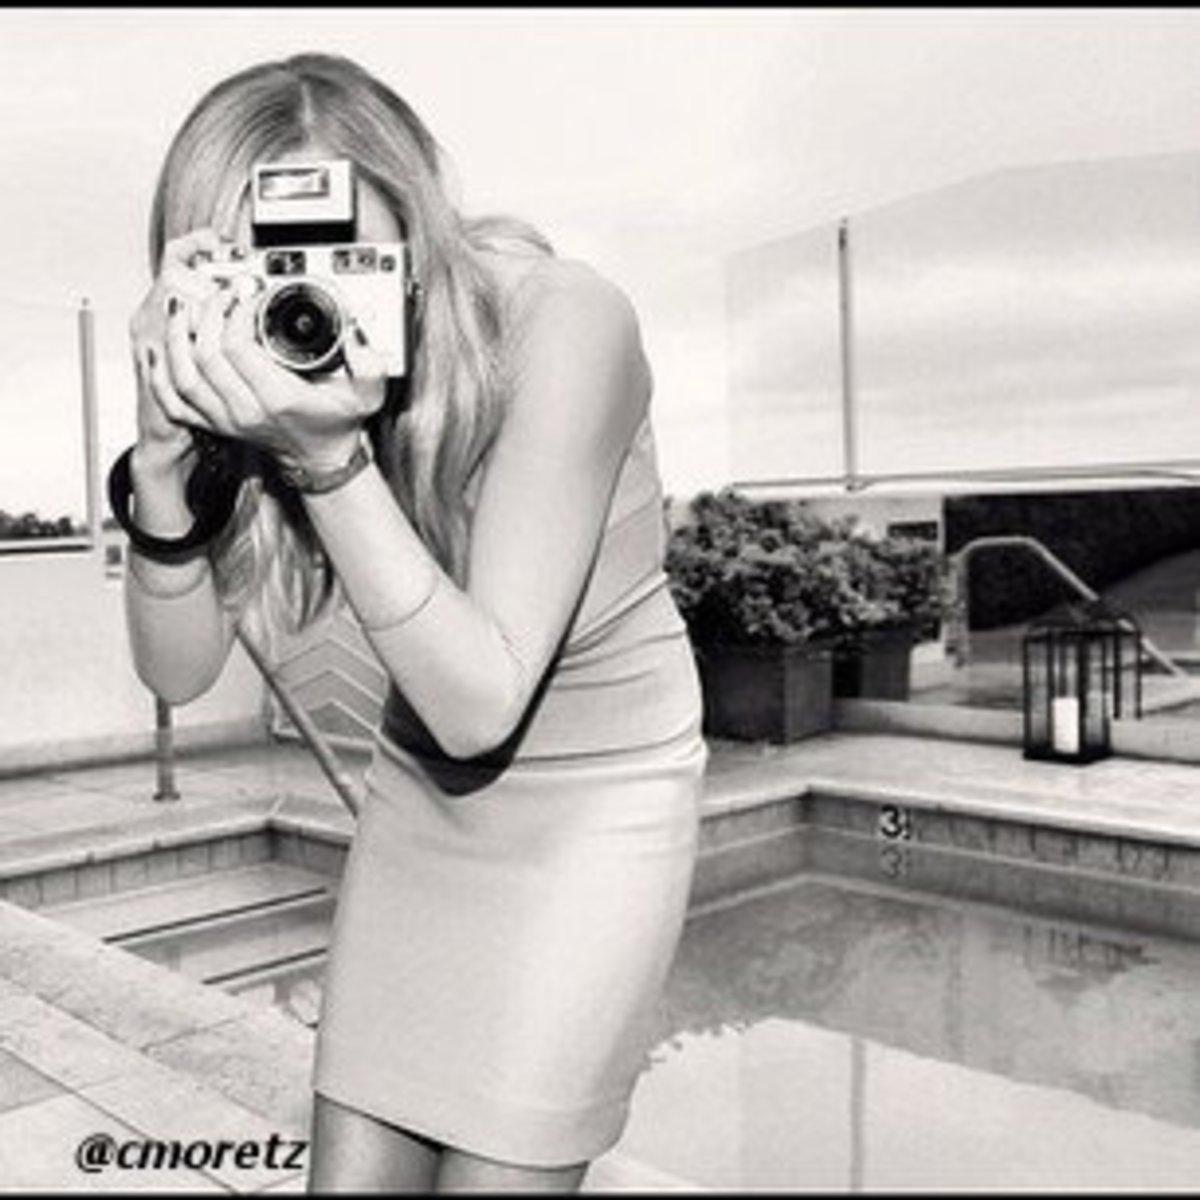 Cool artsy shot by Chloe Moretz